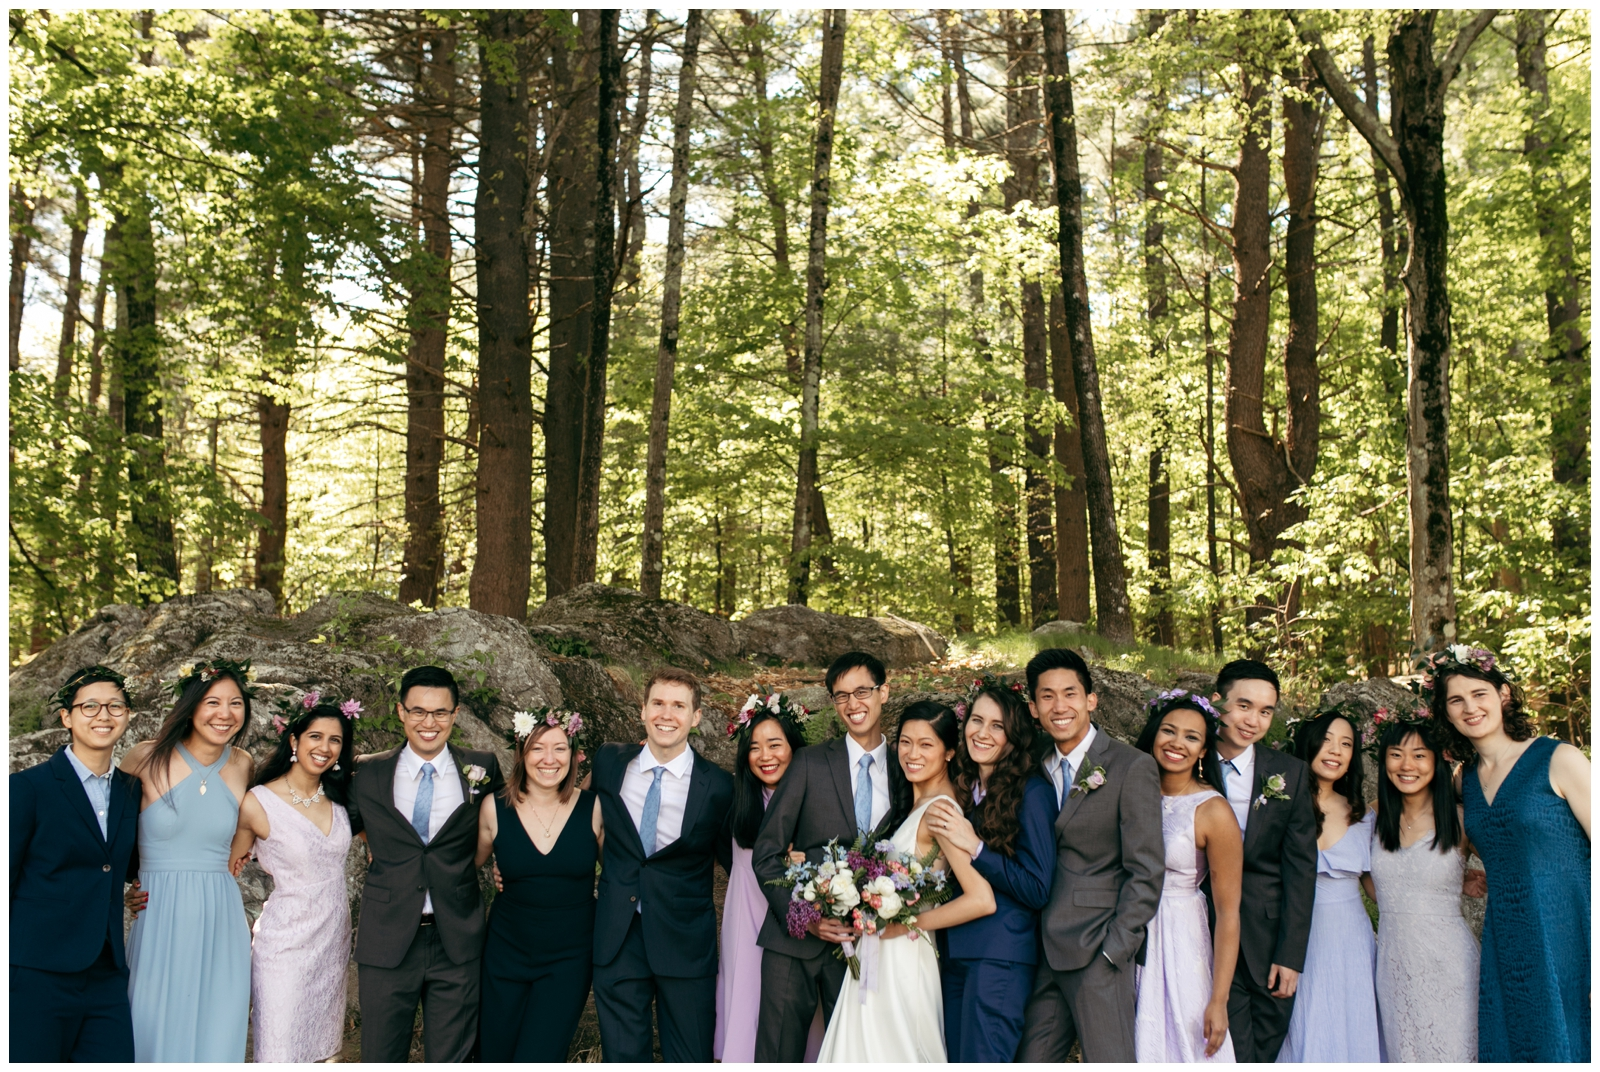 woodsy wedding near Boston